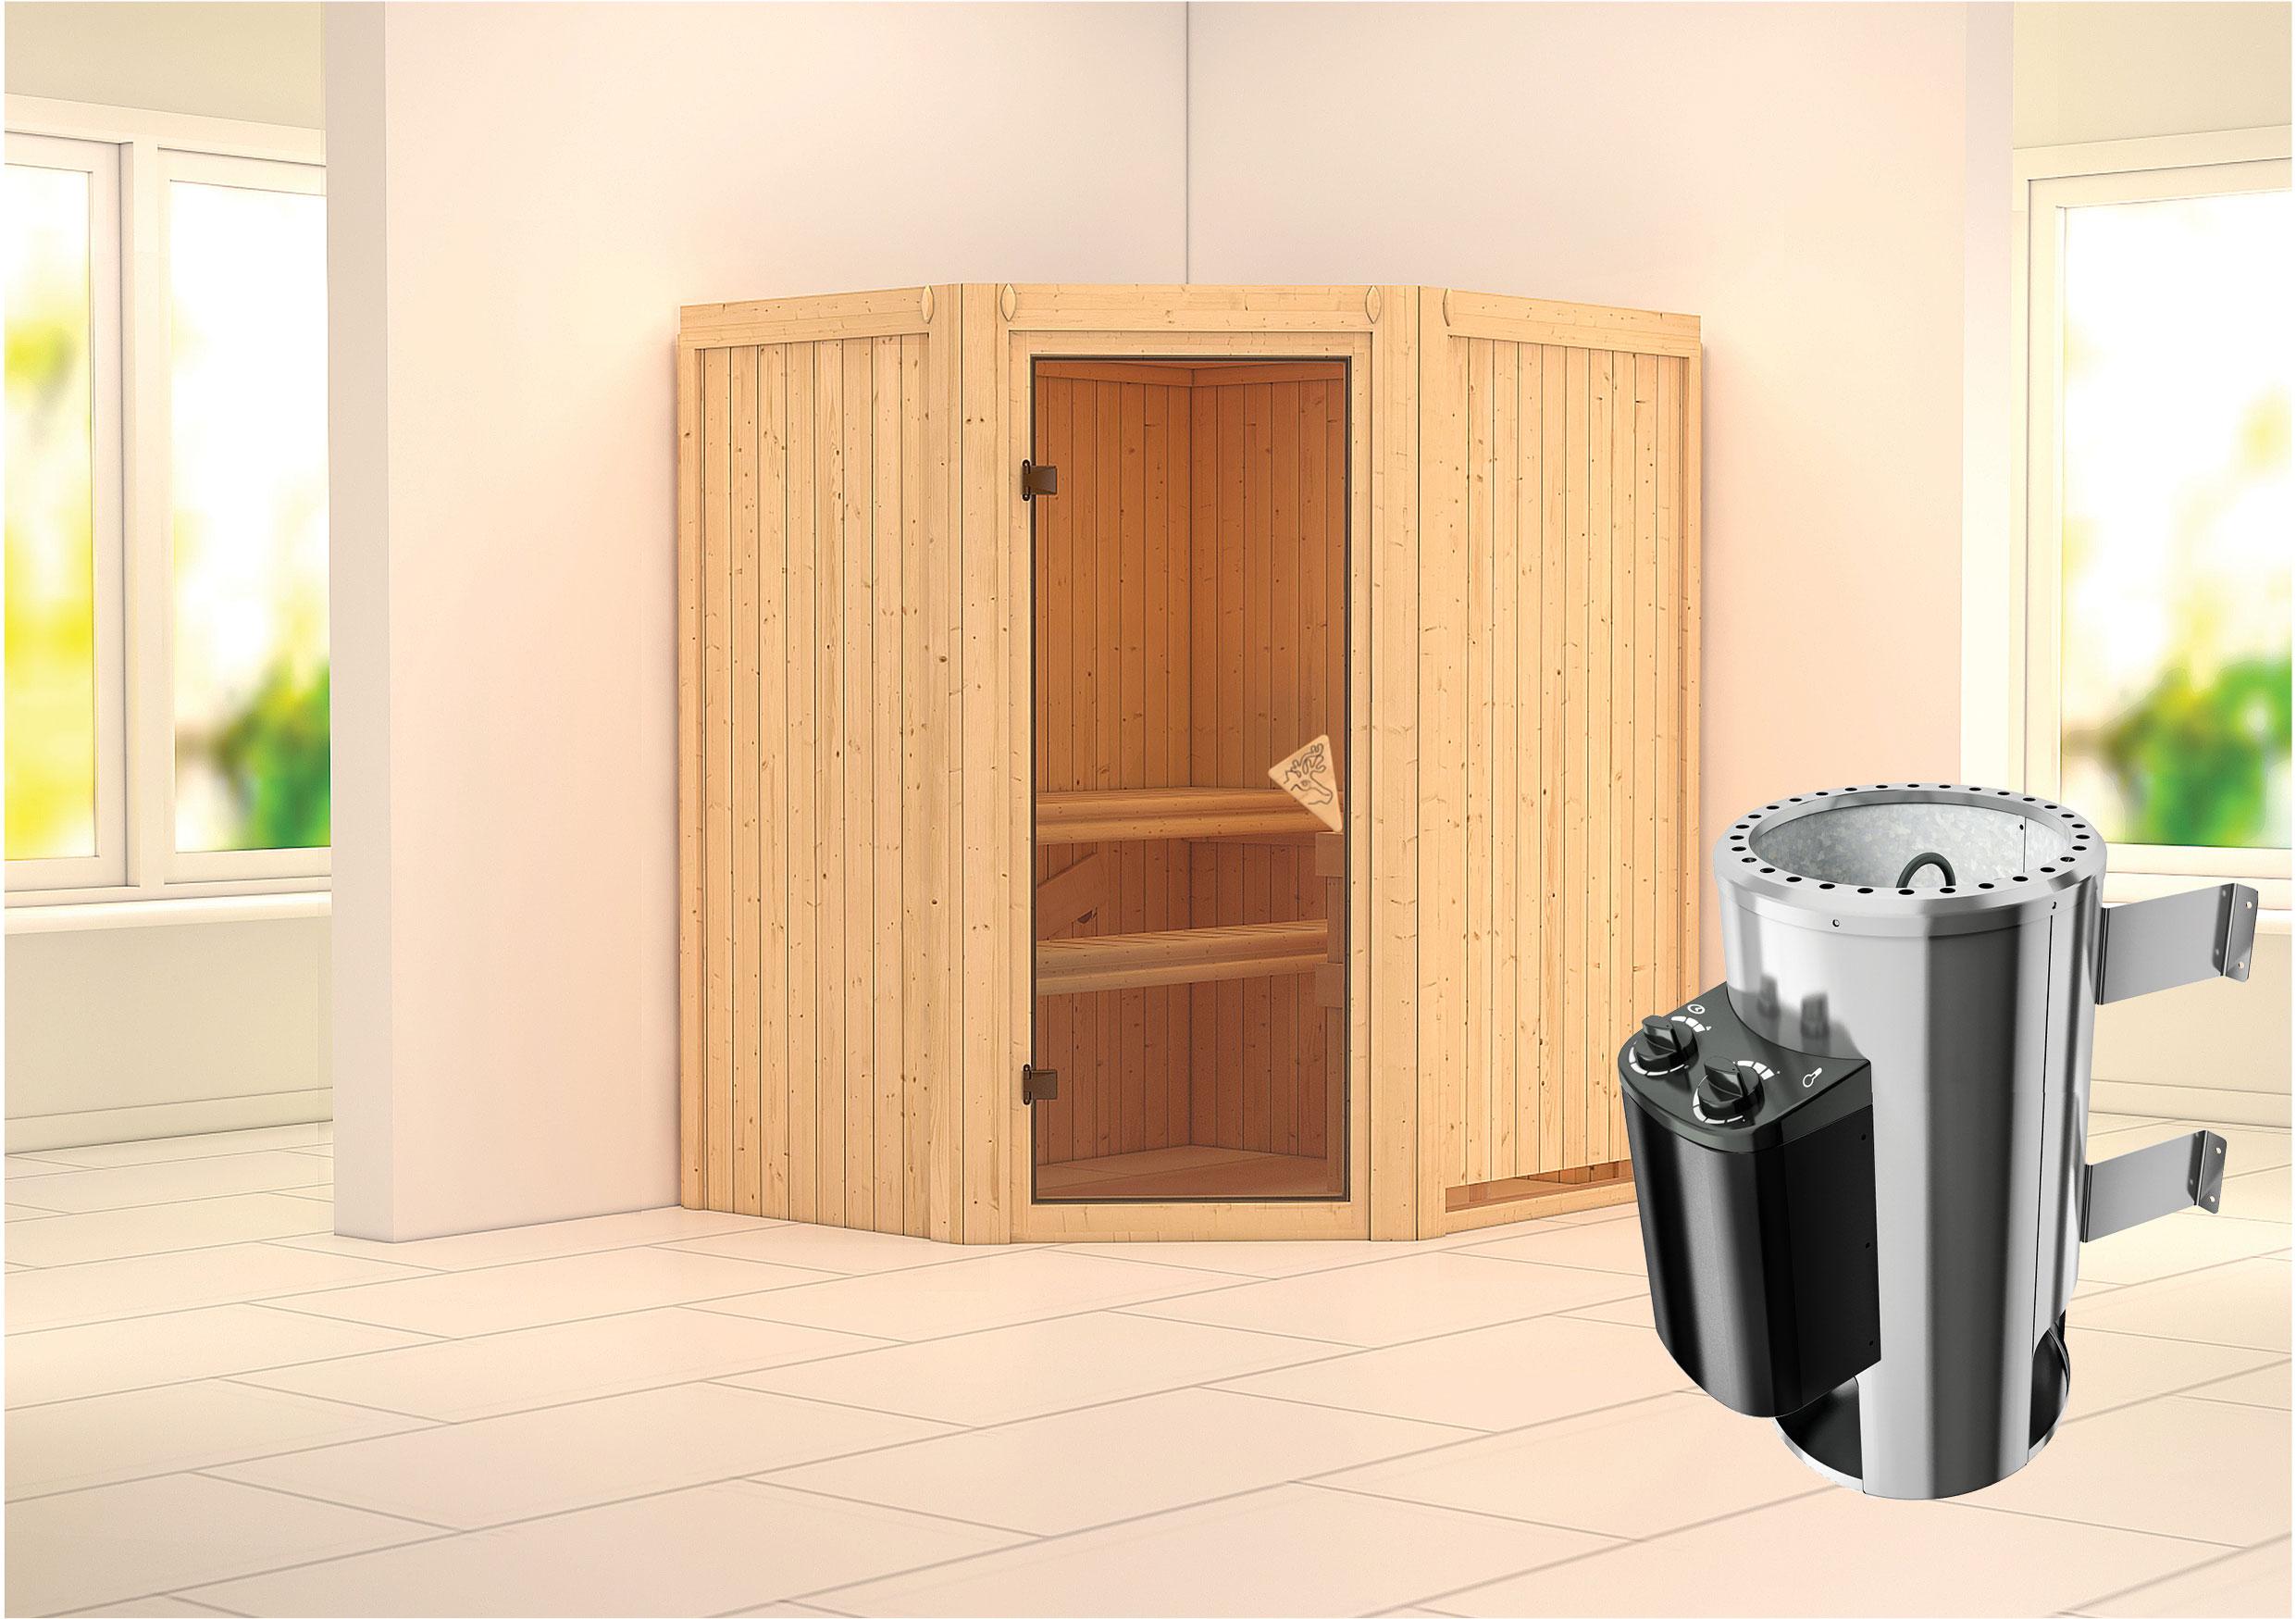 Karibu Sauna Tonja 68mm 230V mit Ofen 3,6kW intern classic Tür Bild 1